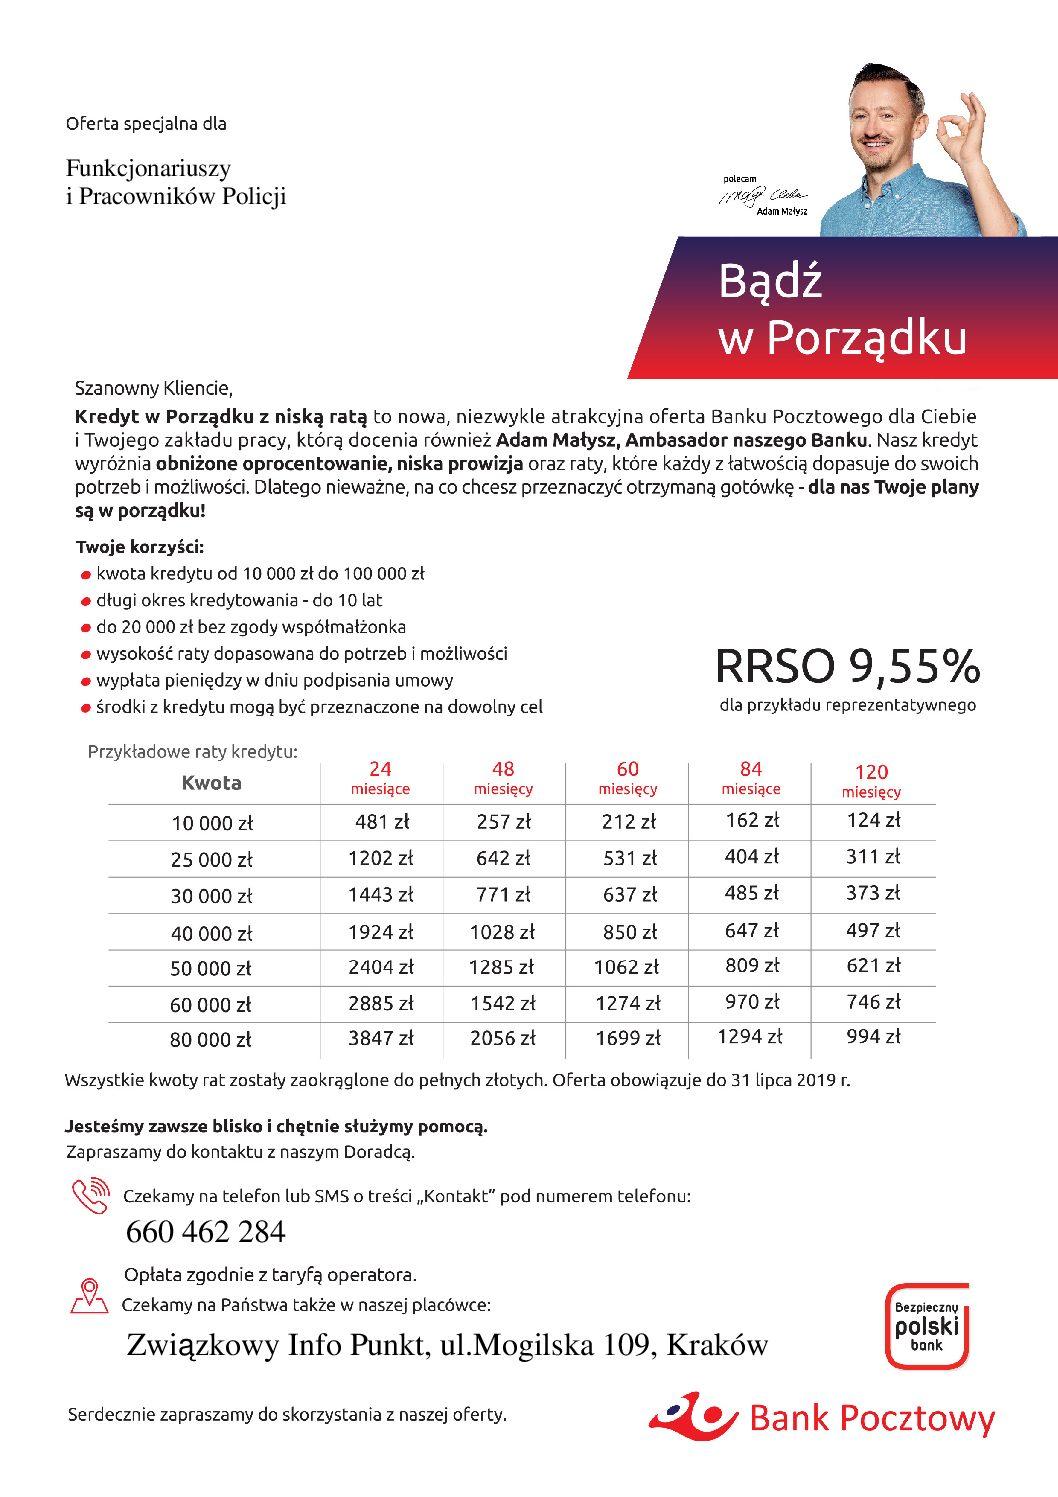 http://nszzp-malopolska.pl/wp-content/uploads/2019/05/Oferta-kredytowa-Bank-Pocztowy-pdf.jpg